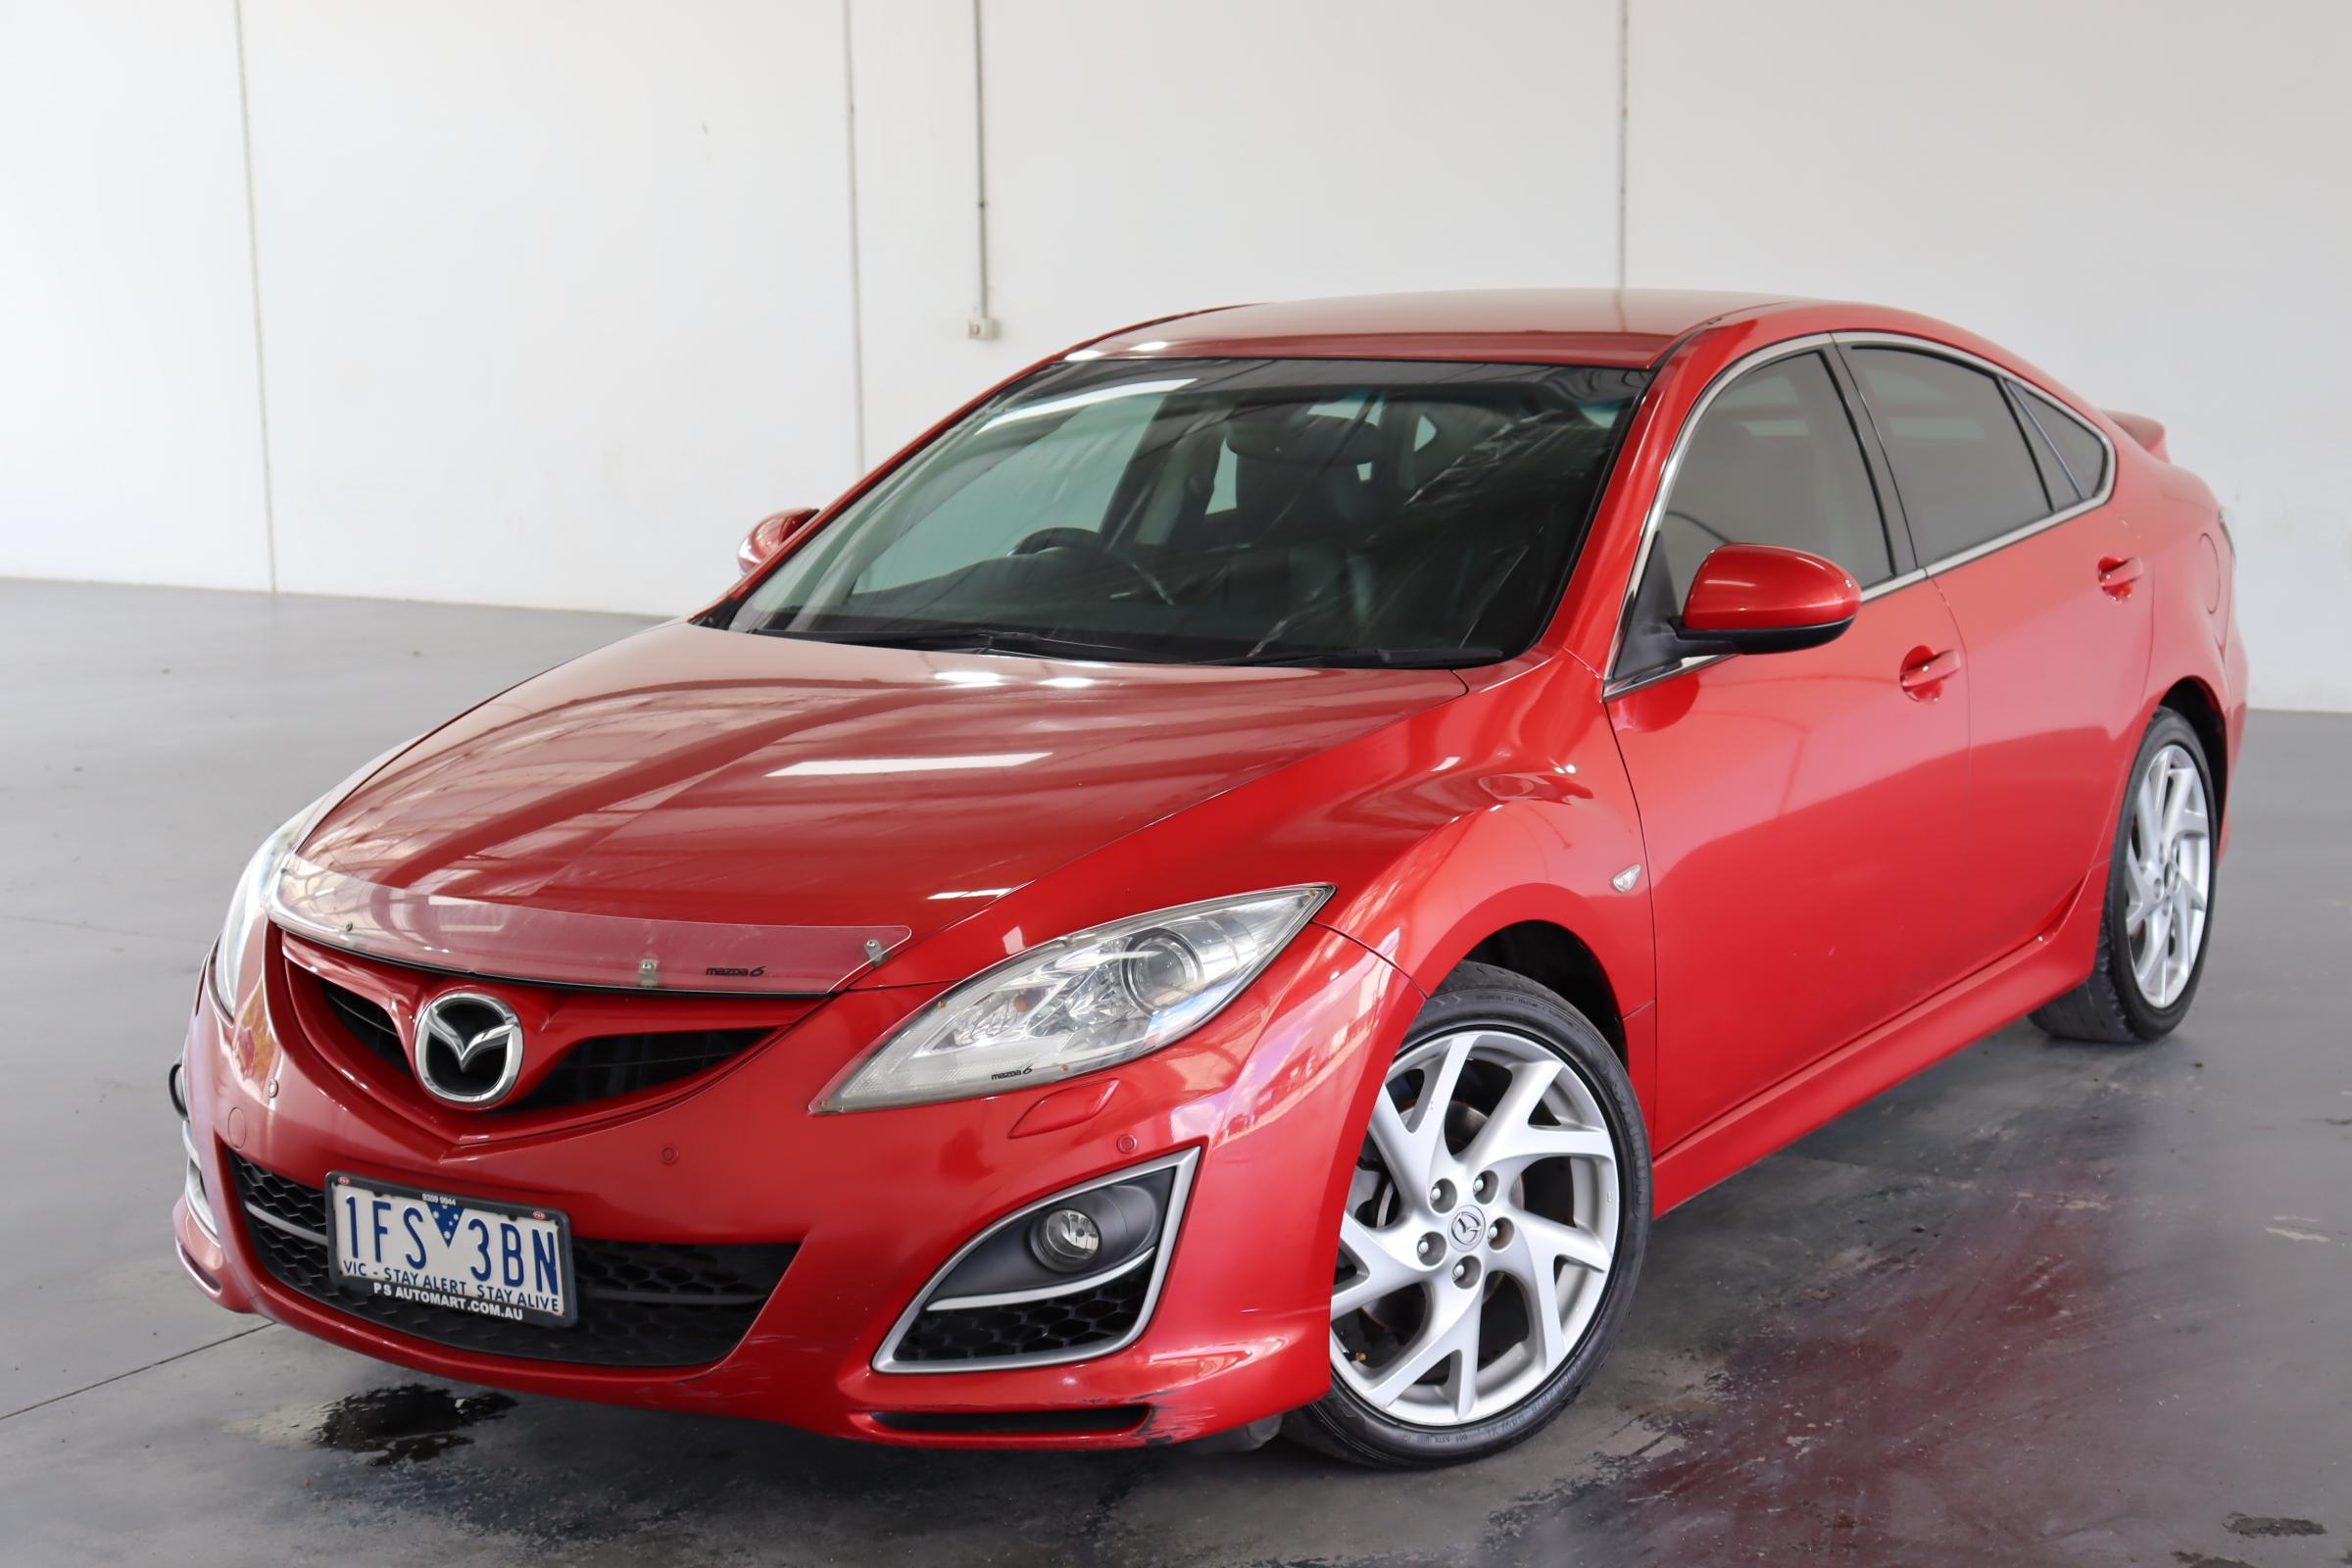 2011 Mazda 6 Sport Diesel GH Turbo Diesel Manual Hatchback